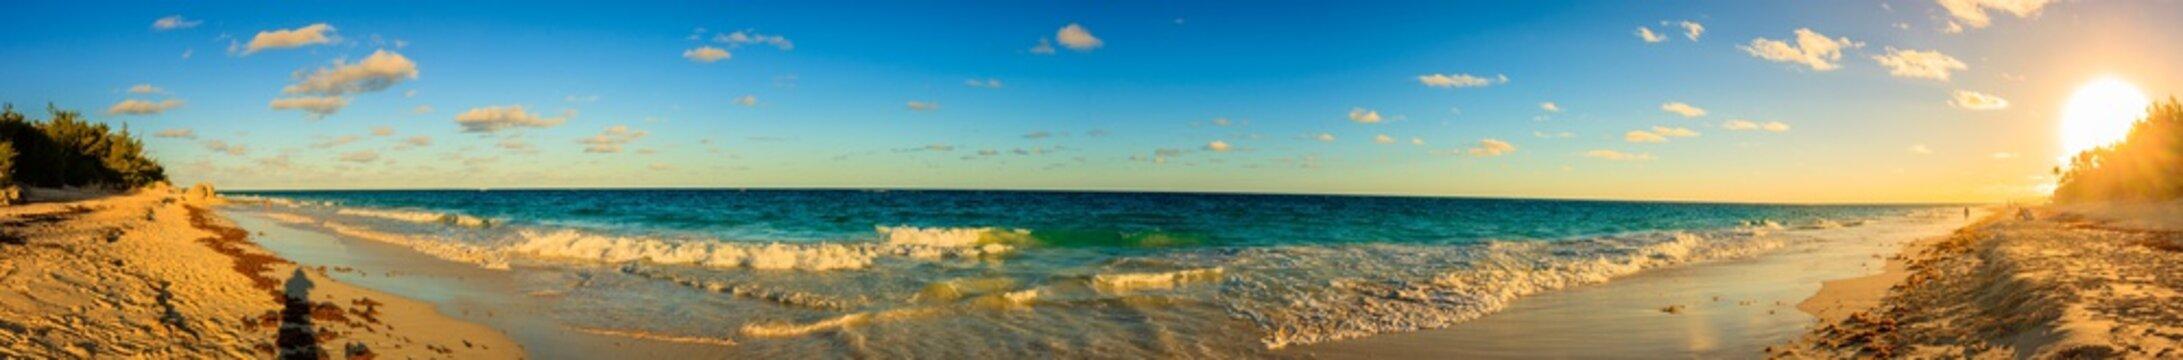 Panoramic photo of beautiful sunset over the Horseshoe Bay beach in Bermuda.